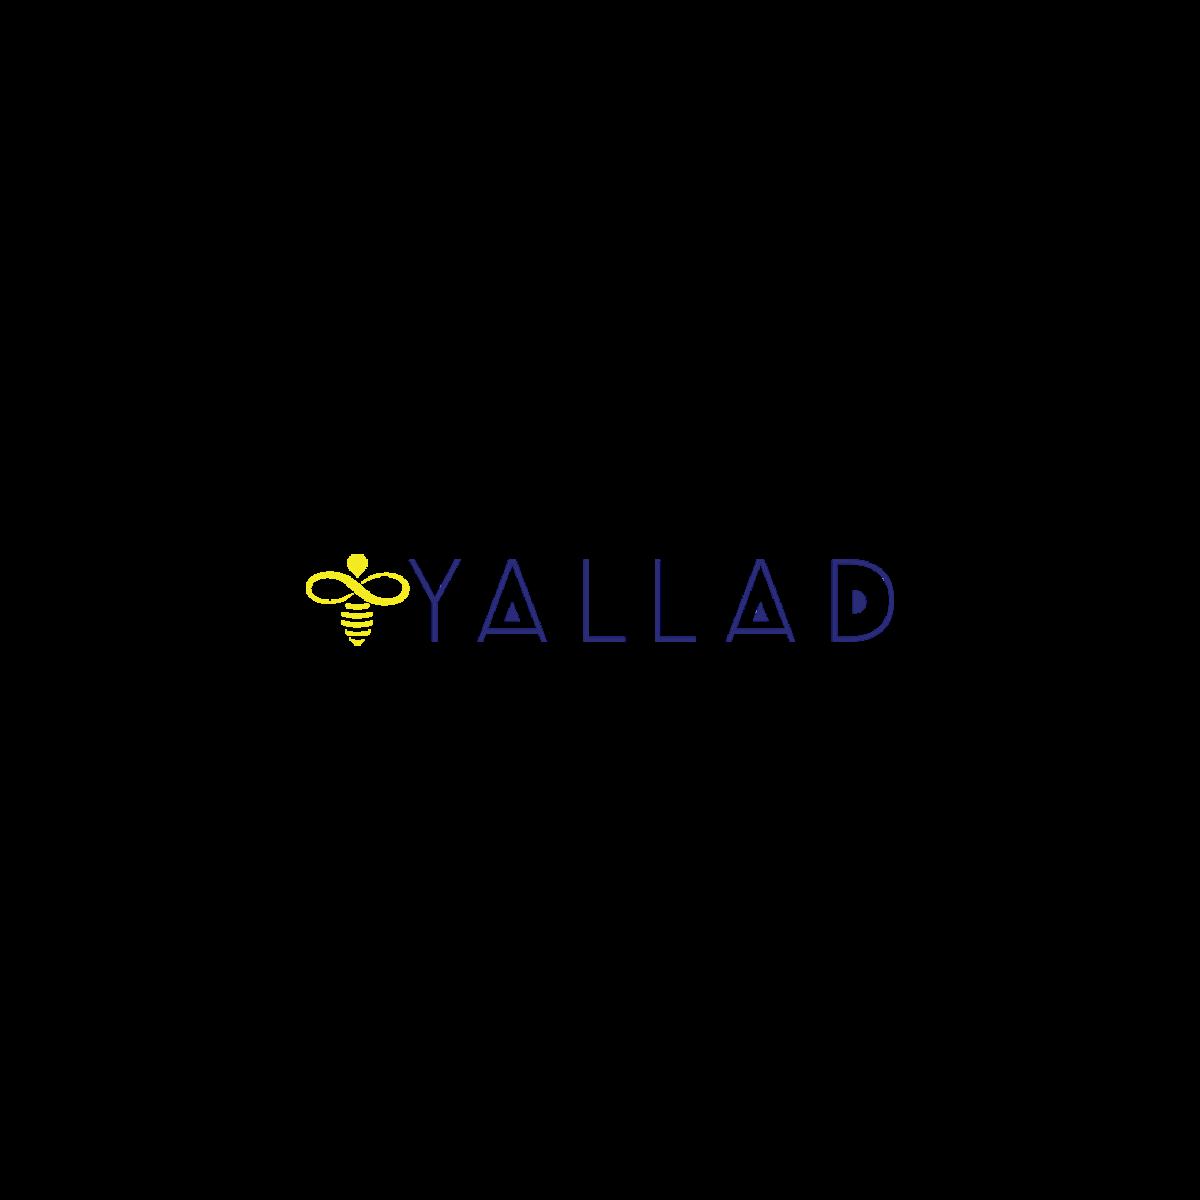 yallad